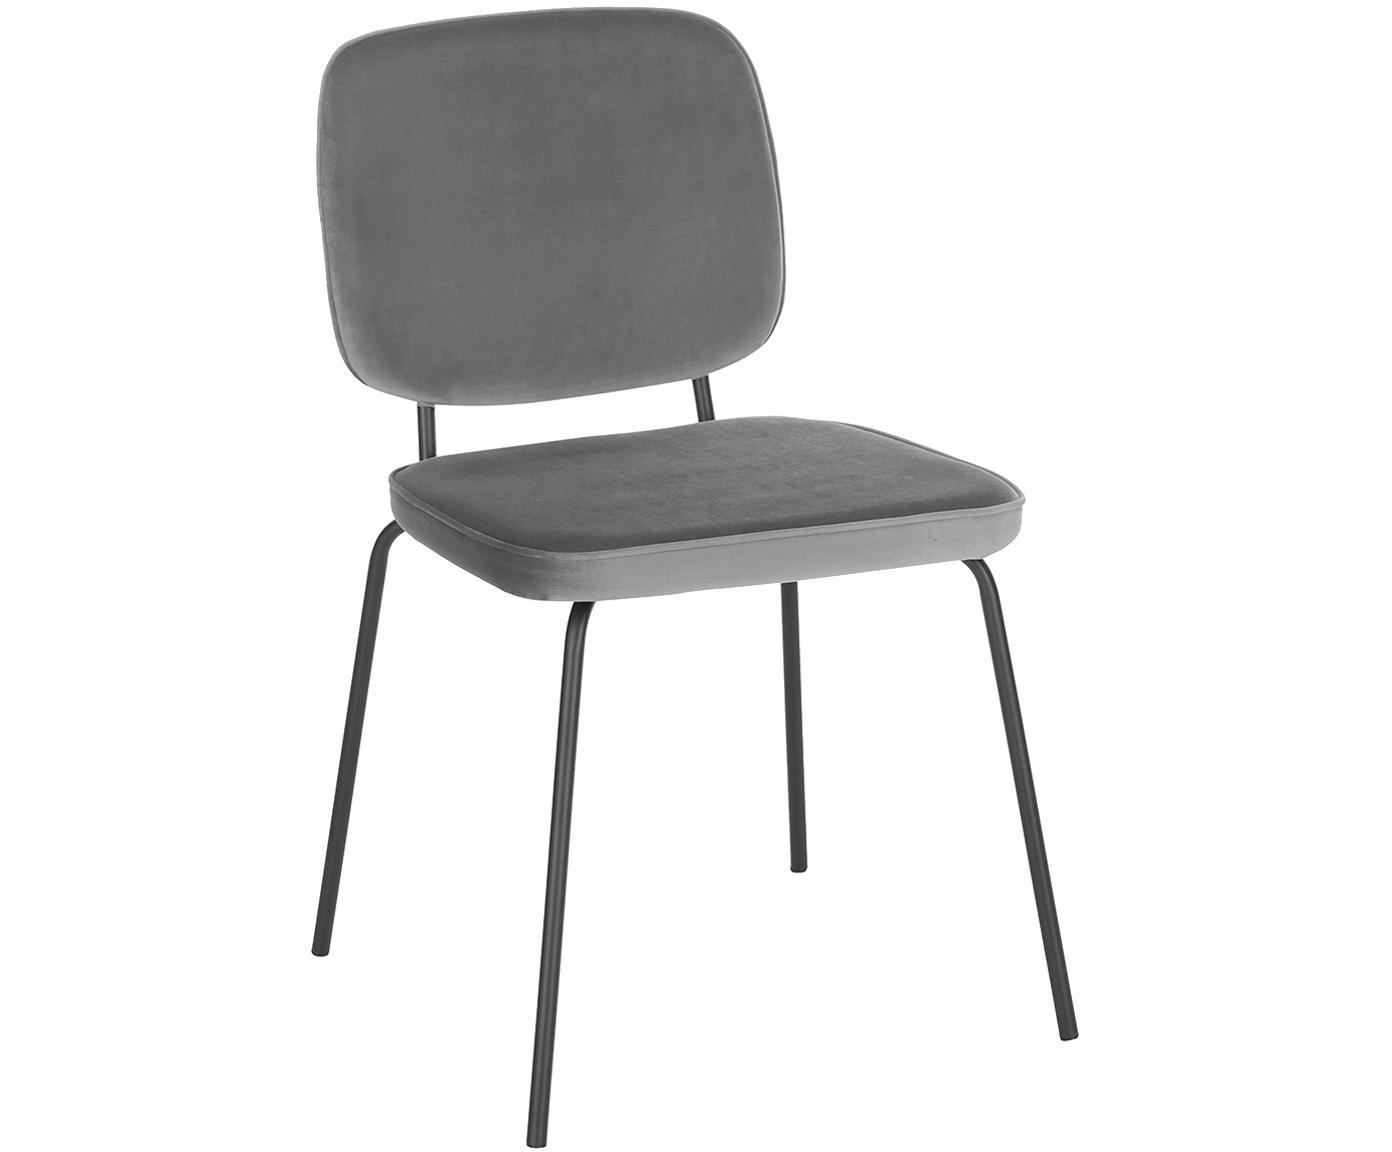 Fluwelen stoelen Jasper, 2 stuks, Bekleding: fluweel (hoogwaardig poly, Poten: gepoedercoat metaal, Grijs, B 49 x D 57 cm